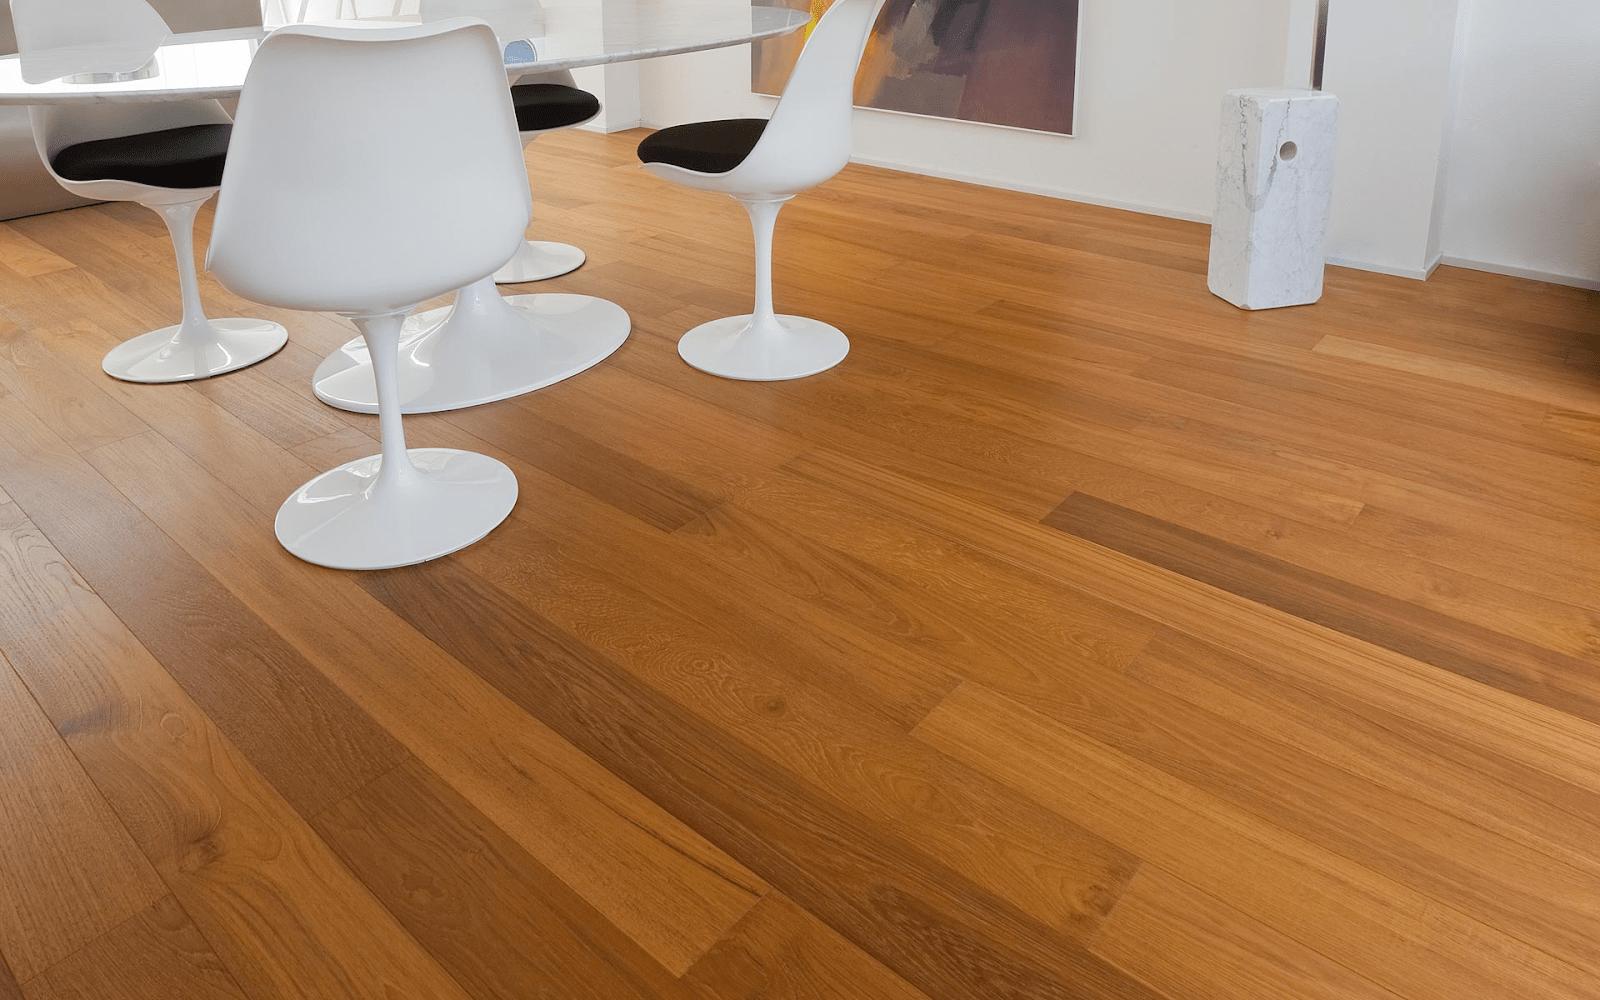 Vì chất lượng tốt mà giá của sàn gỗ Teak cũng khá cao